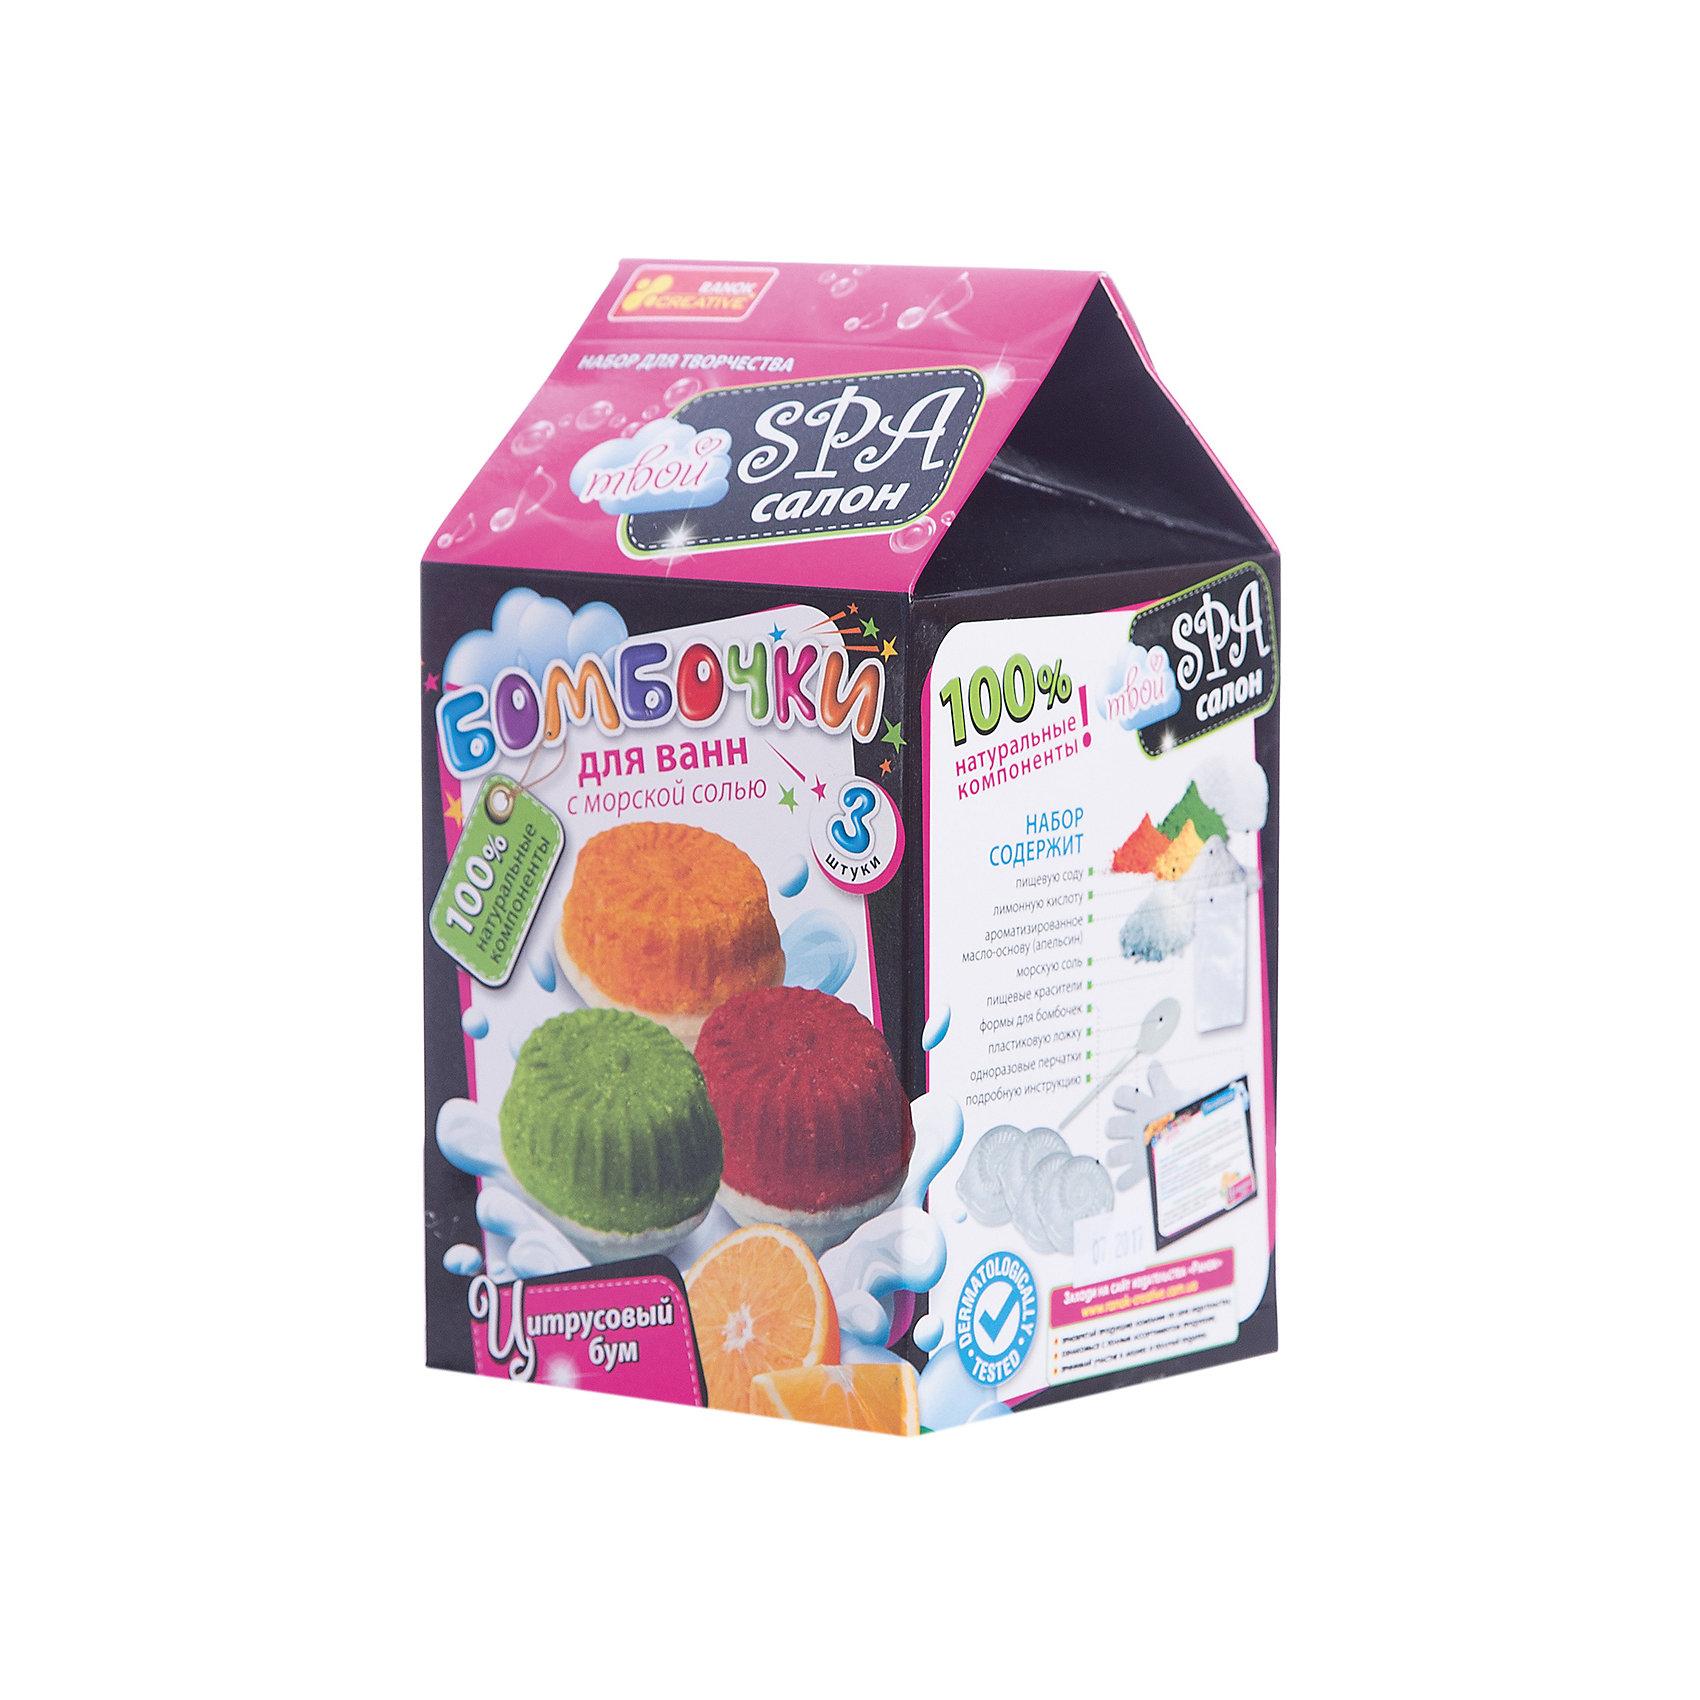 Наборы для девочек, Бомбочки для ванн. Цитрусовый бум (Н)Косметика, грим и парфюмерия<br>Характеристики:<br><br>• Предназначение: для занятий творчеством<br>• Пол: для девочек<br>• Комплектация: материалы и приспособления для создания 4-х ароматических шариков-бомбочек, одноразовые перчатки, формочки, пластиковая ложка<br>• Материал: пищевая сода, пищевые красители, лимонная кислота, аротизированное масло, морская соль, пластик<br>• Размеры упаковки (Д*Ш*В): 11,5*11,5*20 см<br>• Вес упаковки: 320 г <br>• Упаковка: картонная коробка<br><br>Бомбочки для ванн Цитрусовый бум от компании Ranok Creative, специализирующейся на производстве товаров для организации творческого досуга детей разного возраста, предназначены для создания ароматических аксессуаров для принятия ванн. Набор состоит из материалов, инструментов и приспособлений для создания 4-х ароматических шариков с ароматом цитрусовых. Все материалы, использованные в наборе, имеют натуральную основу, они нетоксичны и безопасны. Набор Бомбочки для ванн Цитрусовый бум от компании Ranok Creative позволяет создать своими руками оригинальный подарок к любому торжеству. Творческие занятия с наборами от Ranok Creative способствуют развитию у детей креативного мышления, изысканного вкуса и формируют ценность ручного труда.<br><br>Бомбочки для ванн Цитрусовый бум можно купить в нашем интернет-магазине.<br><br>Ширина мм: 115<br>Глубина мм: 200<br>Высота мм: 115<br>Вес г: 250<br>Возраст от месяцев: 108<br>Возраст до месяцев: 180<br>Пол: Женский<br>Возраст: Детский<br>SKU: 5212541